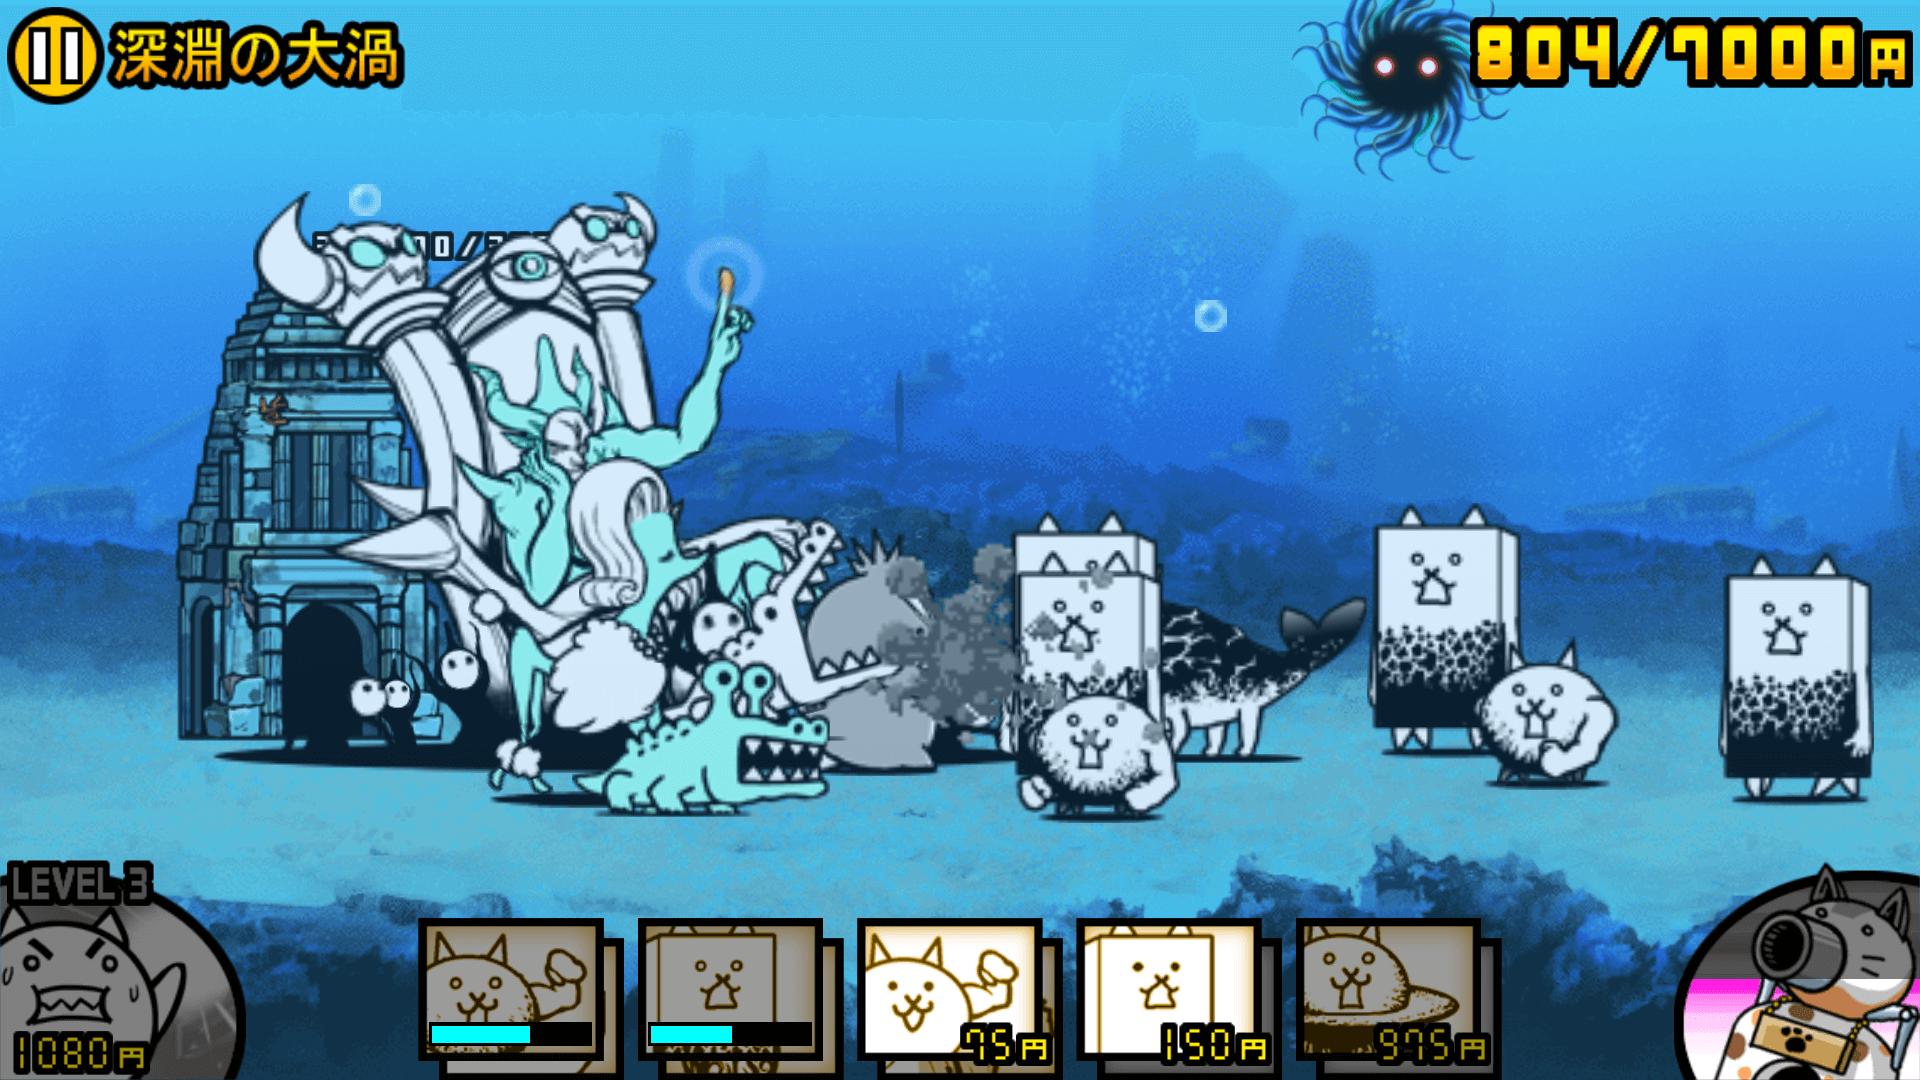 壁とクジラで敵を迎撃